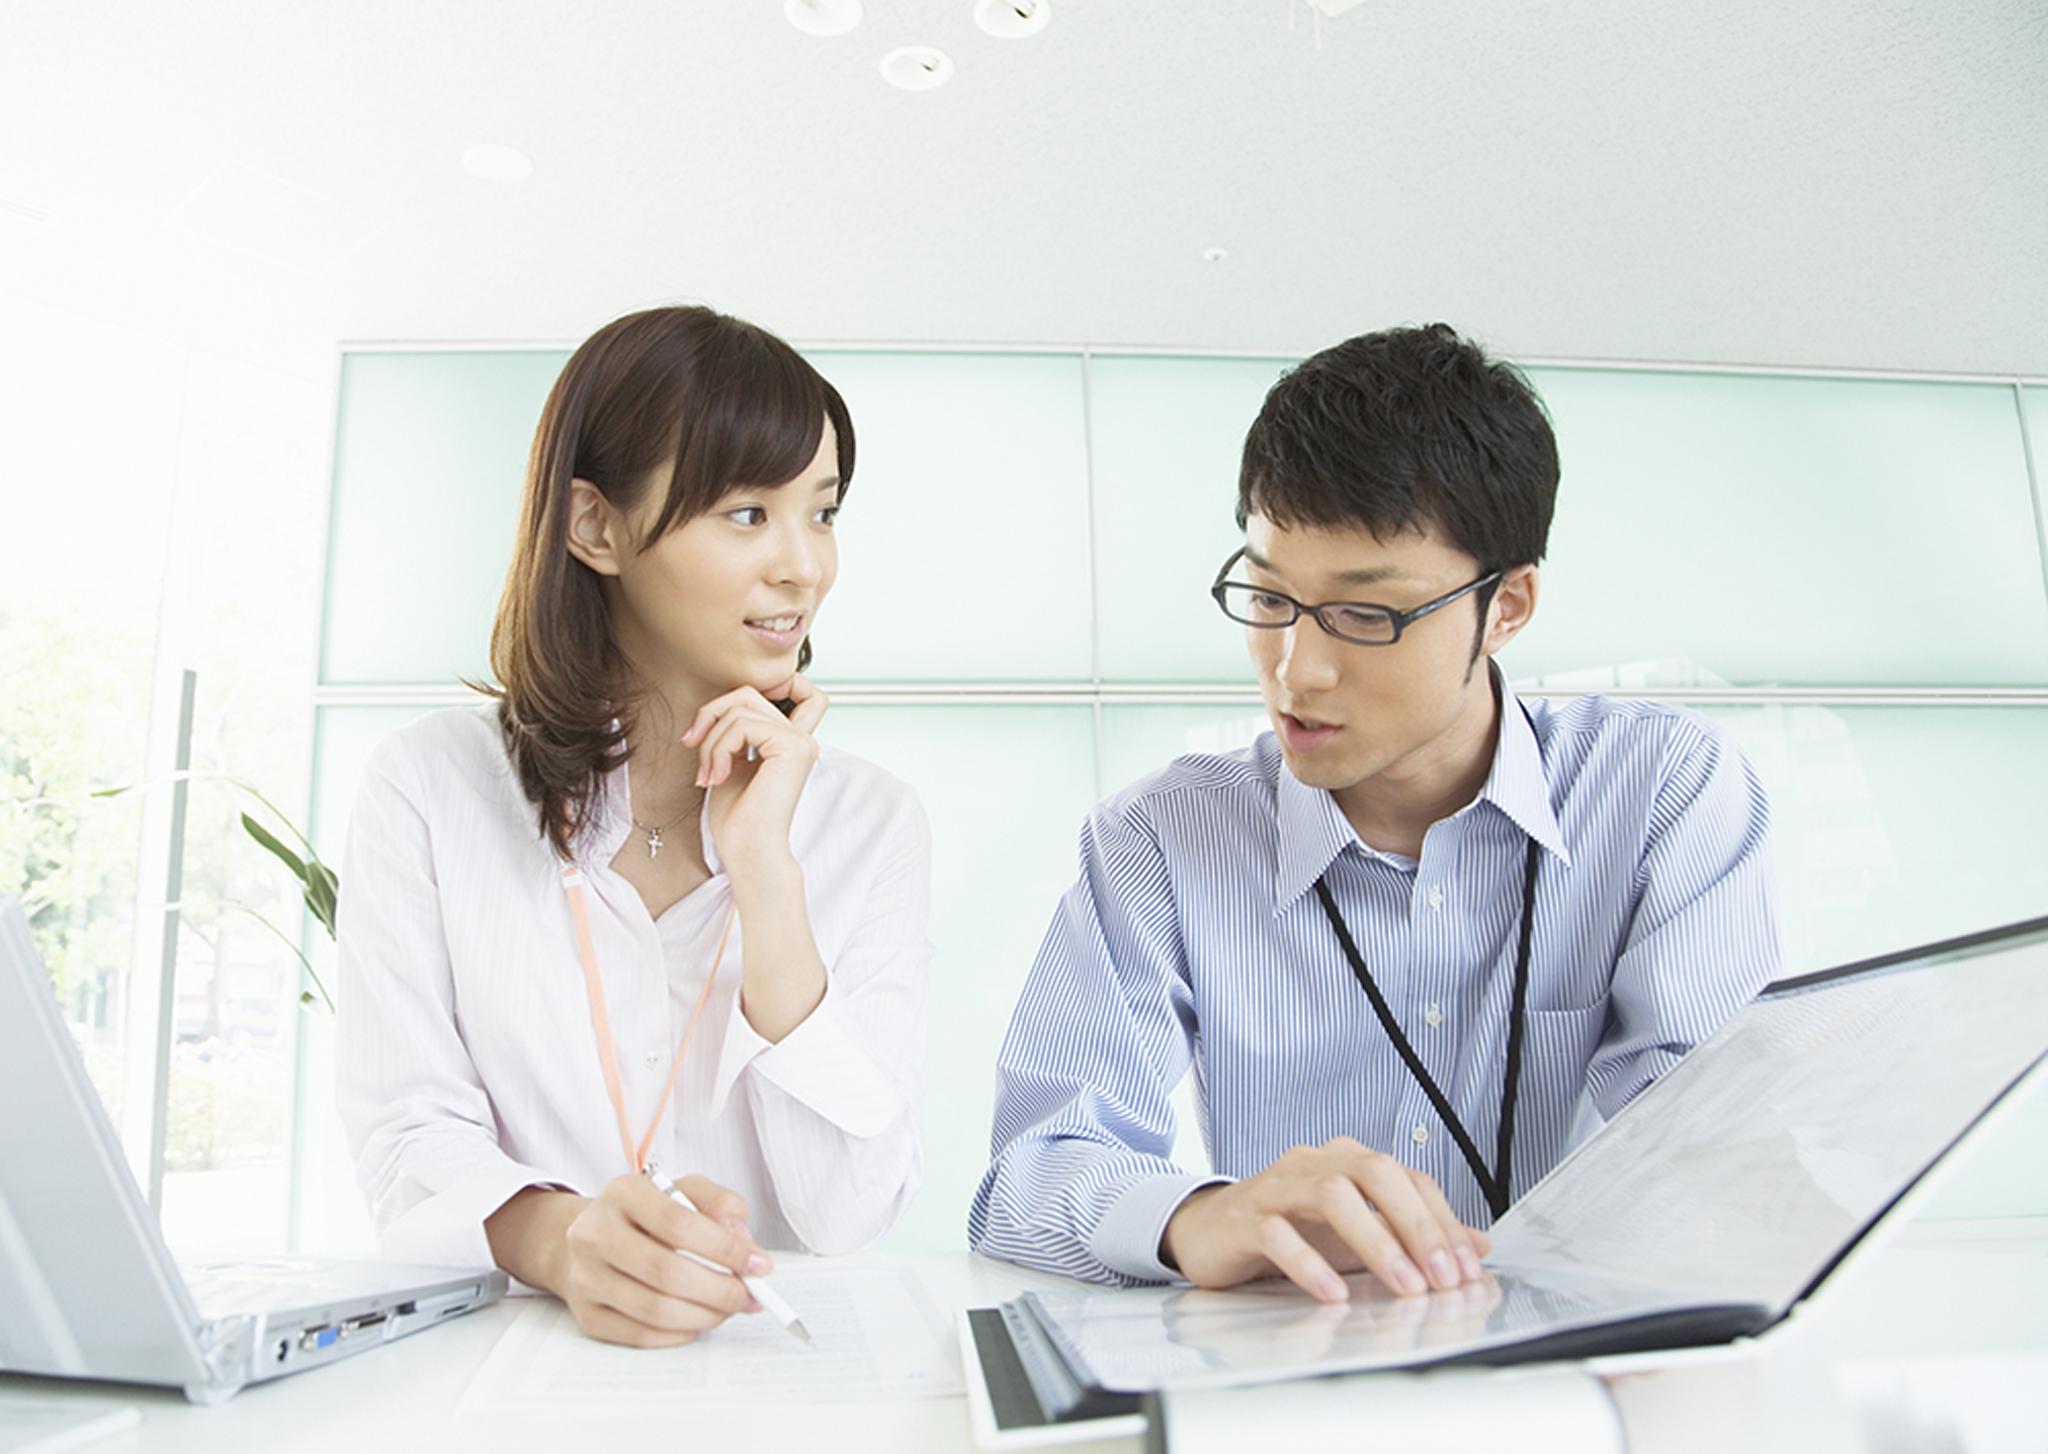 申請健康險契約變更,務必仔細閱讀保單條款。